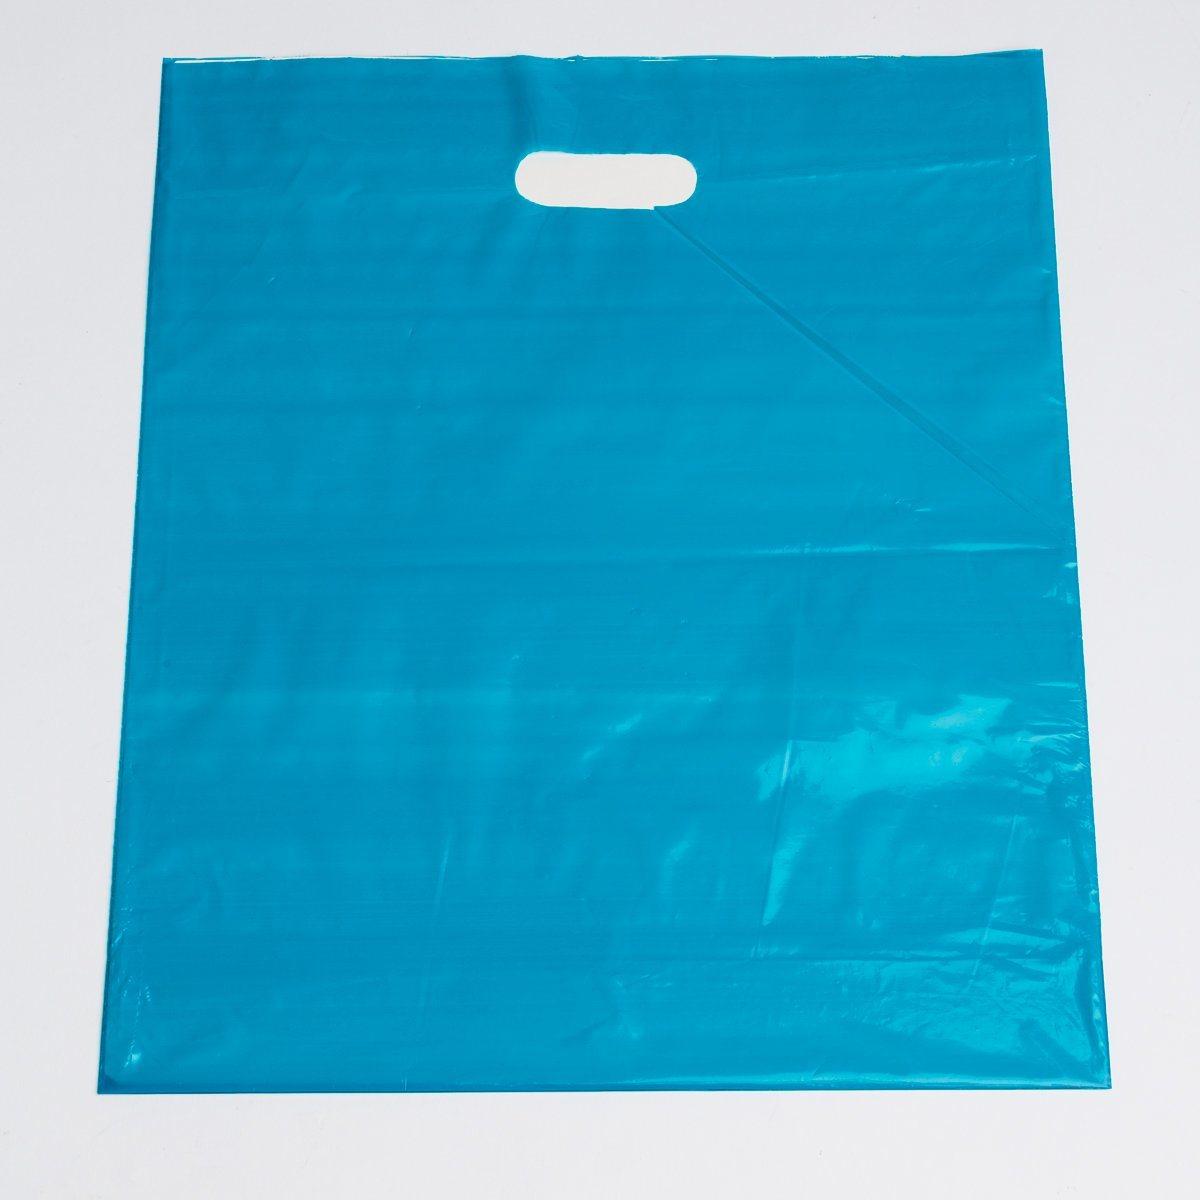 Die Cut Handle Merchandise Bags Print Plastic Shopping Bags